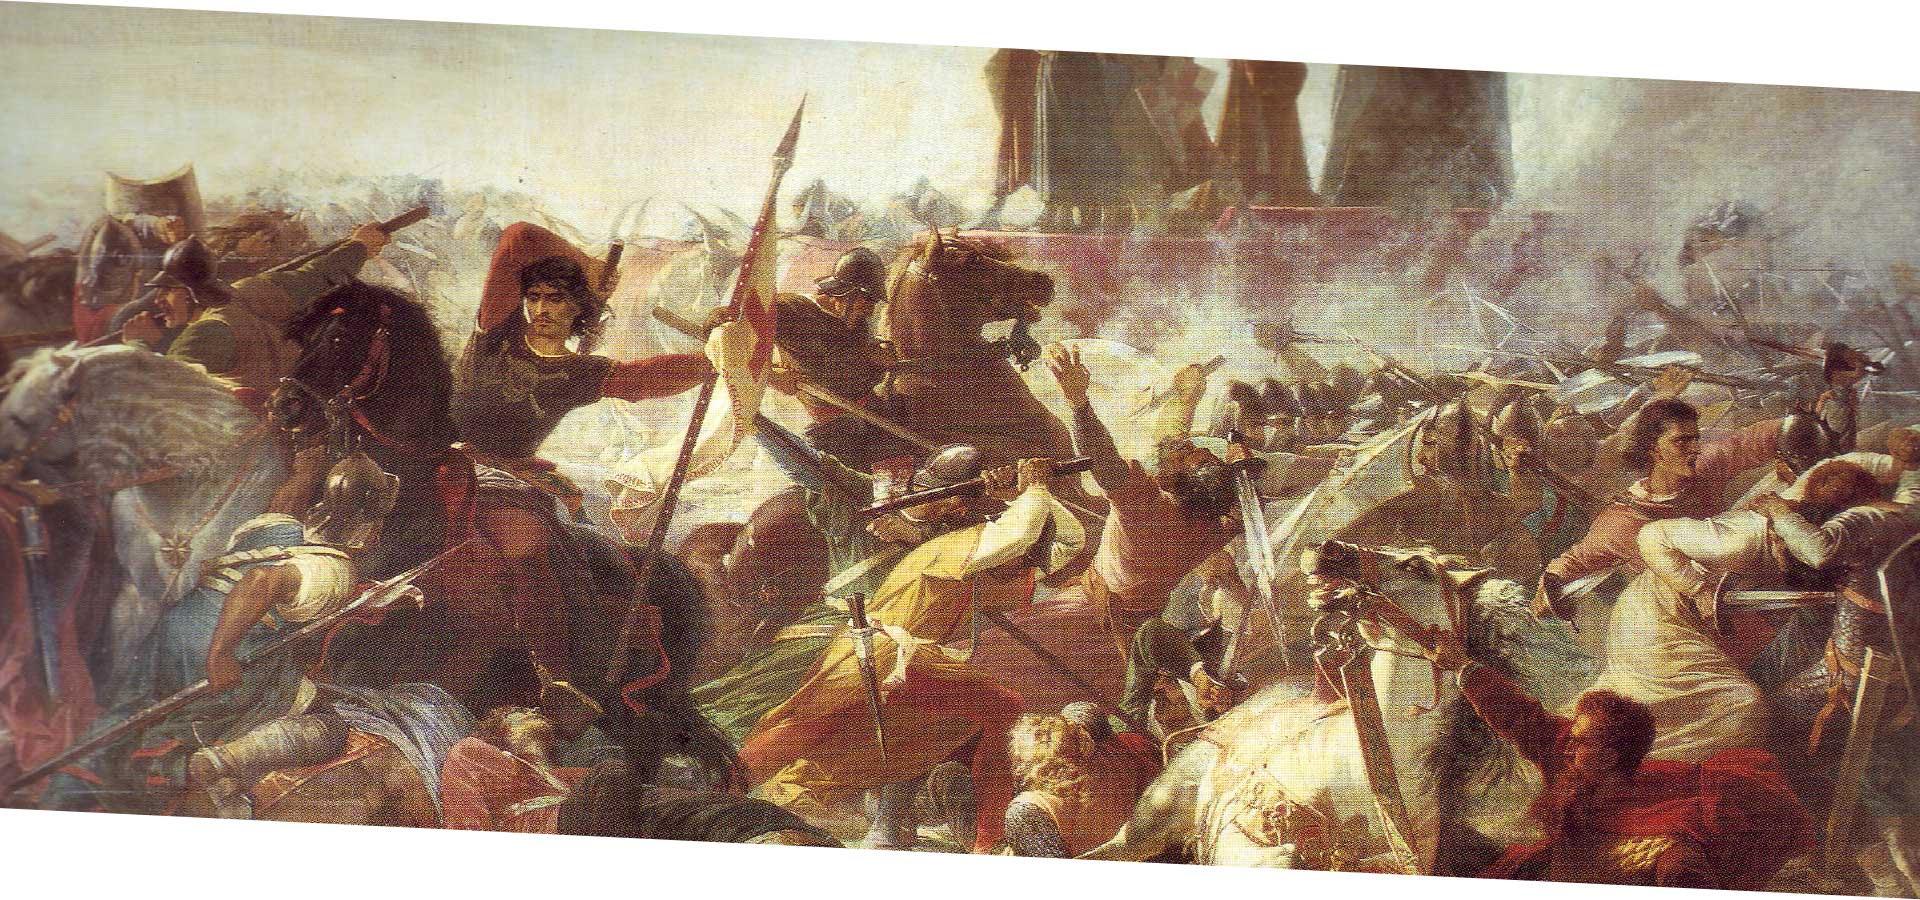 Amos Cassoli, La battaglia di Legnano